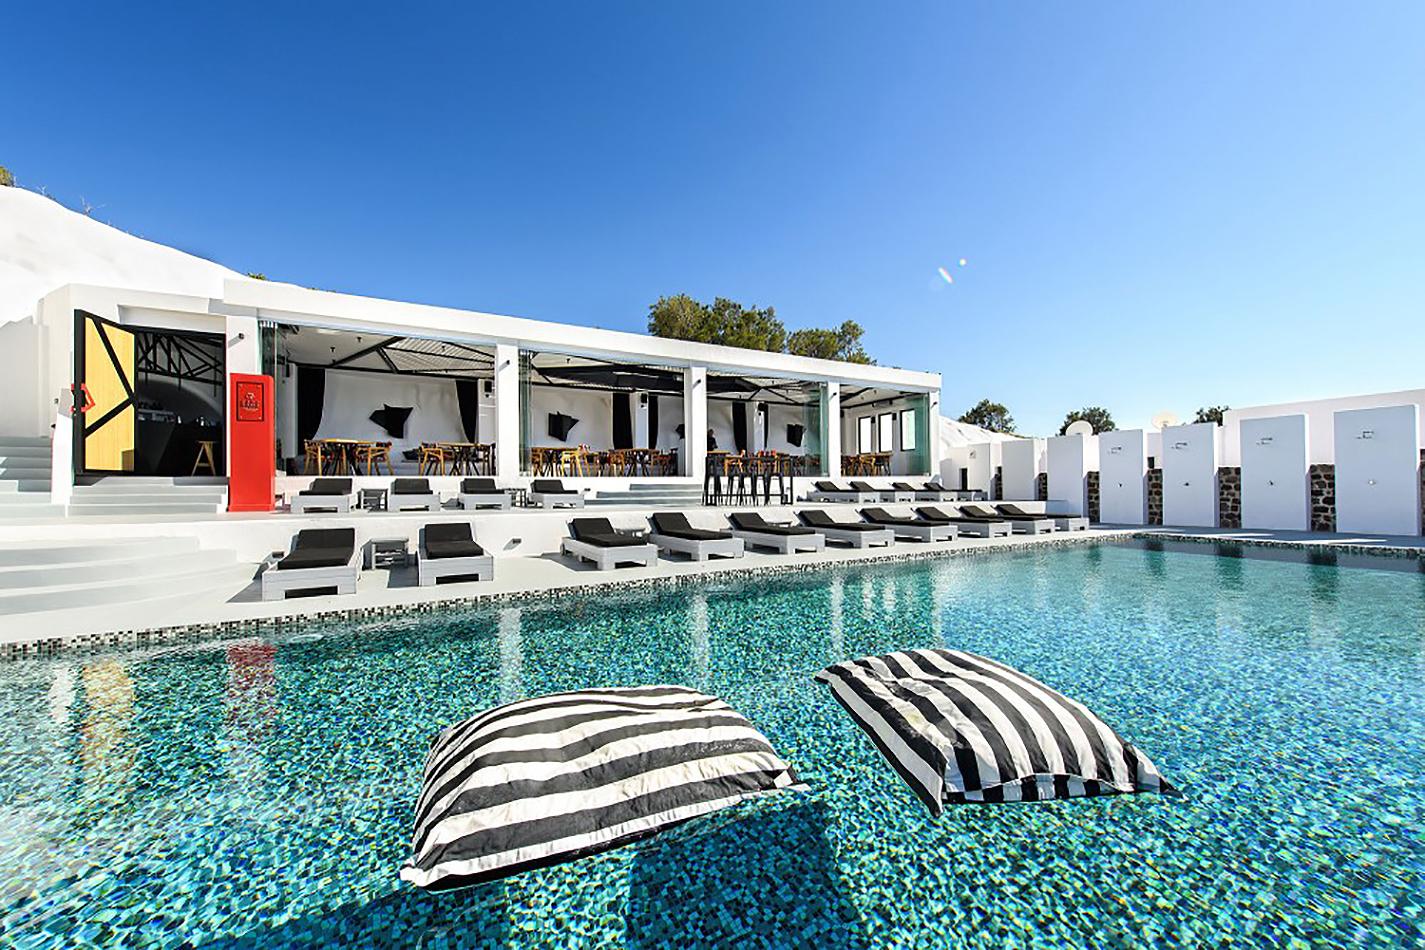 AmbassadorAegean Luxury Hotel and Suites